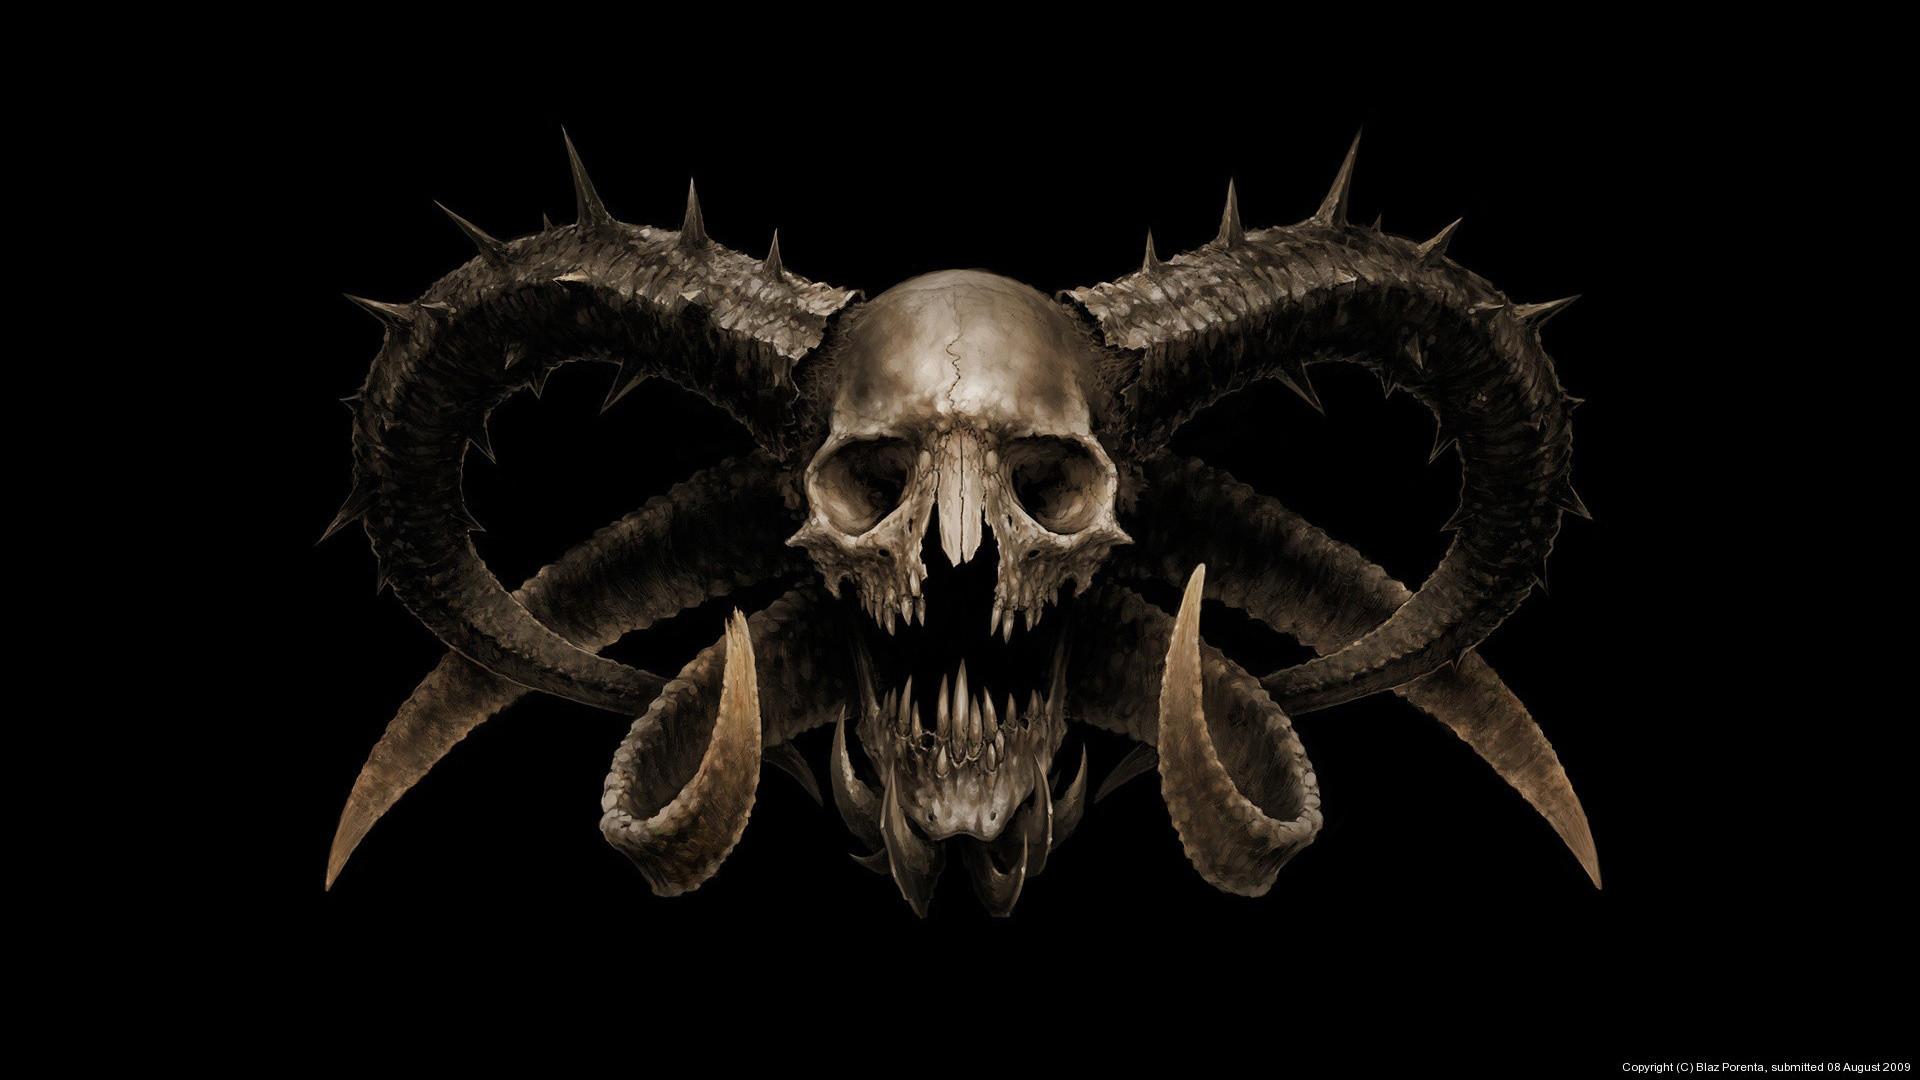 Res: 1920x1080, Dark horror demon satan occult skull wallpaper |  | 29392 |  WallpaperUP